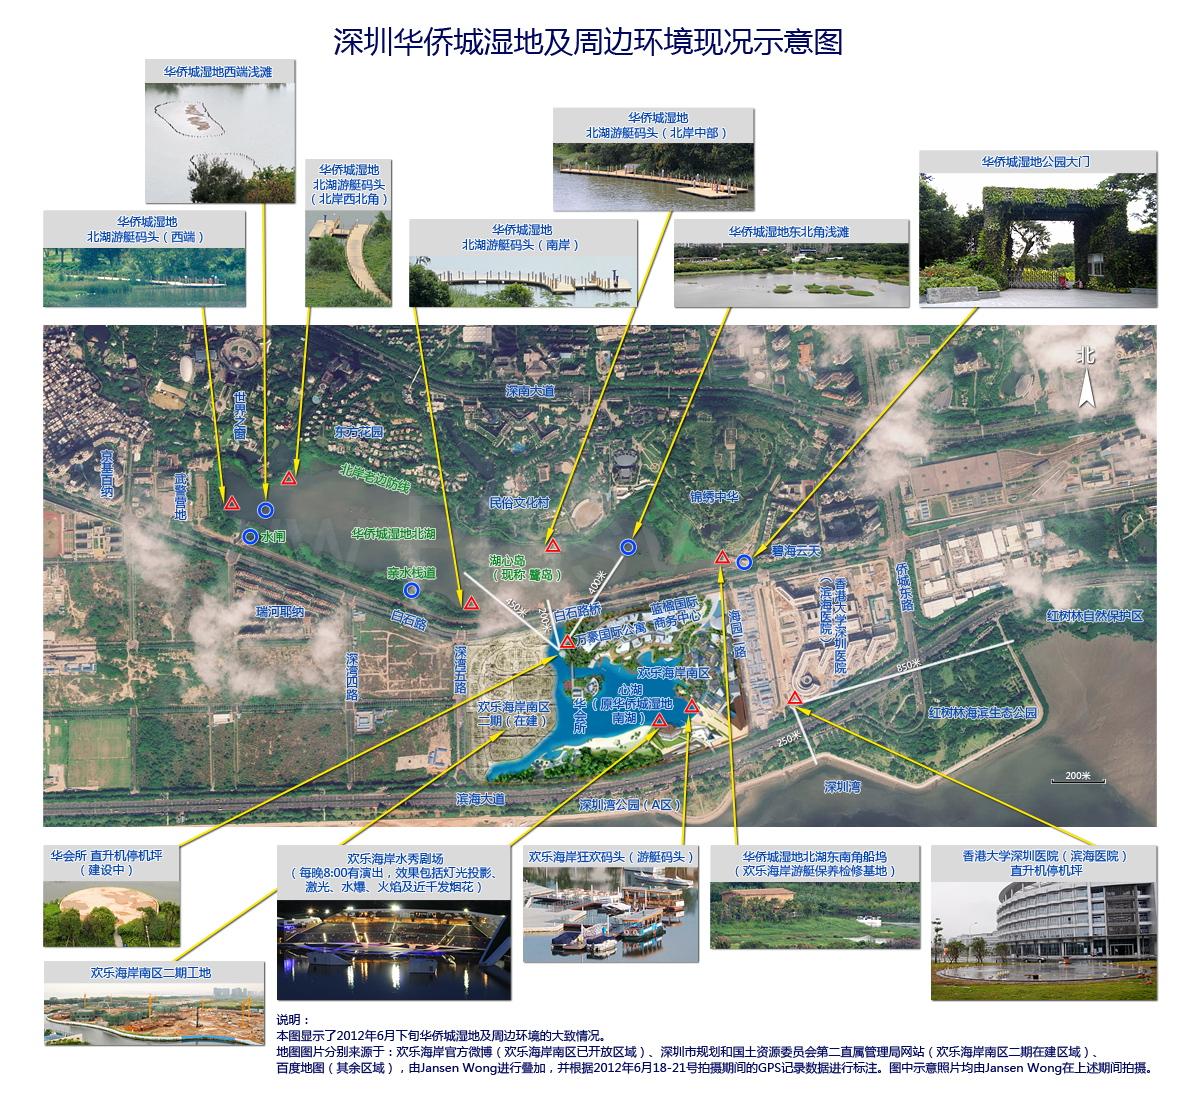 华侨城湿地及周边环境现况示意图